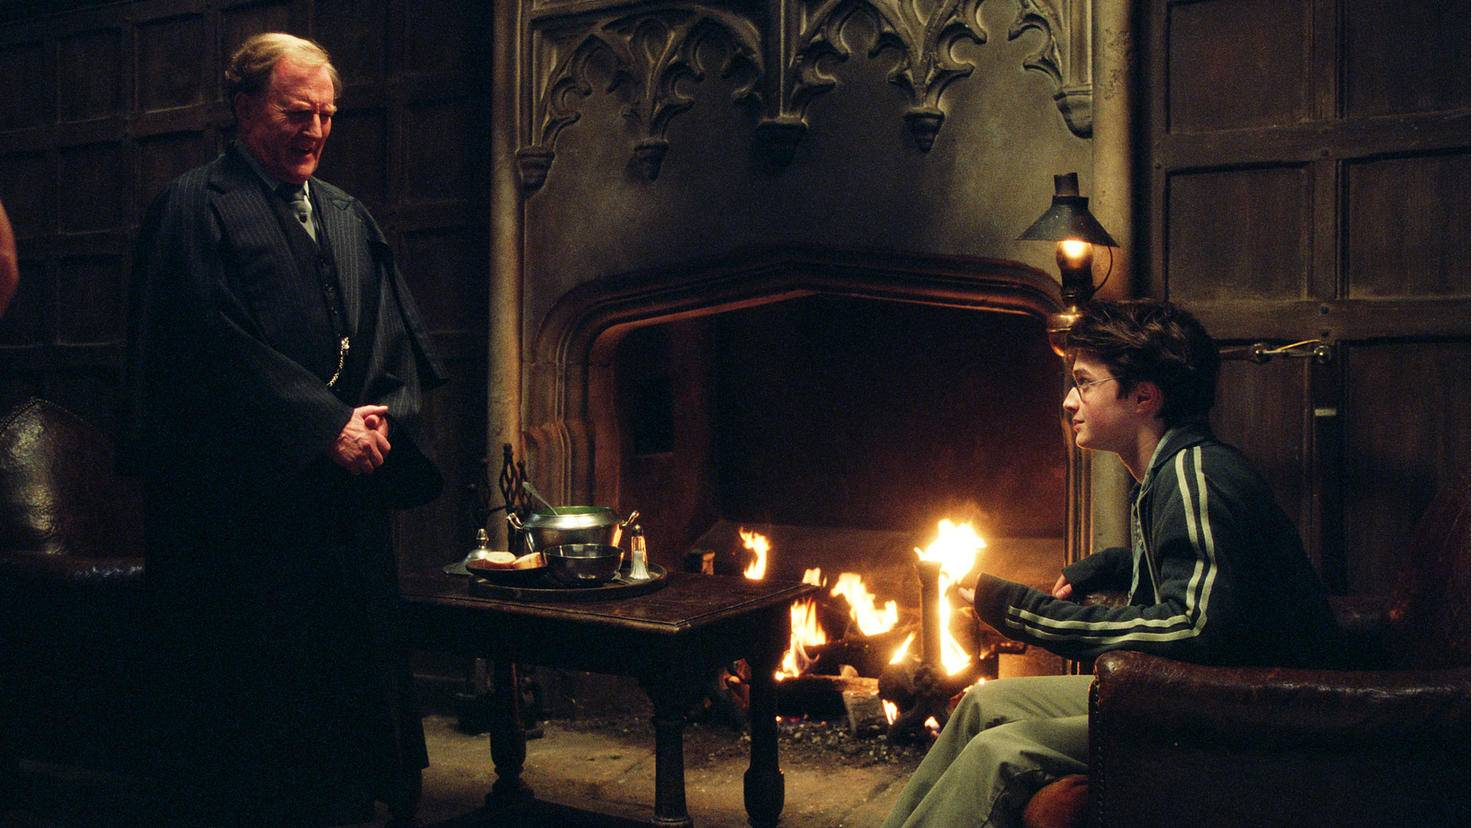 Harry Potter gefangene von azkaban Daniel Radcliffe-2